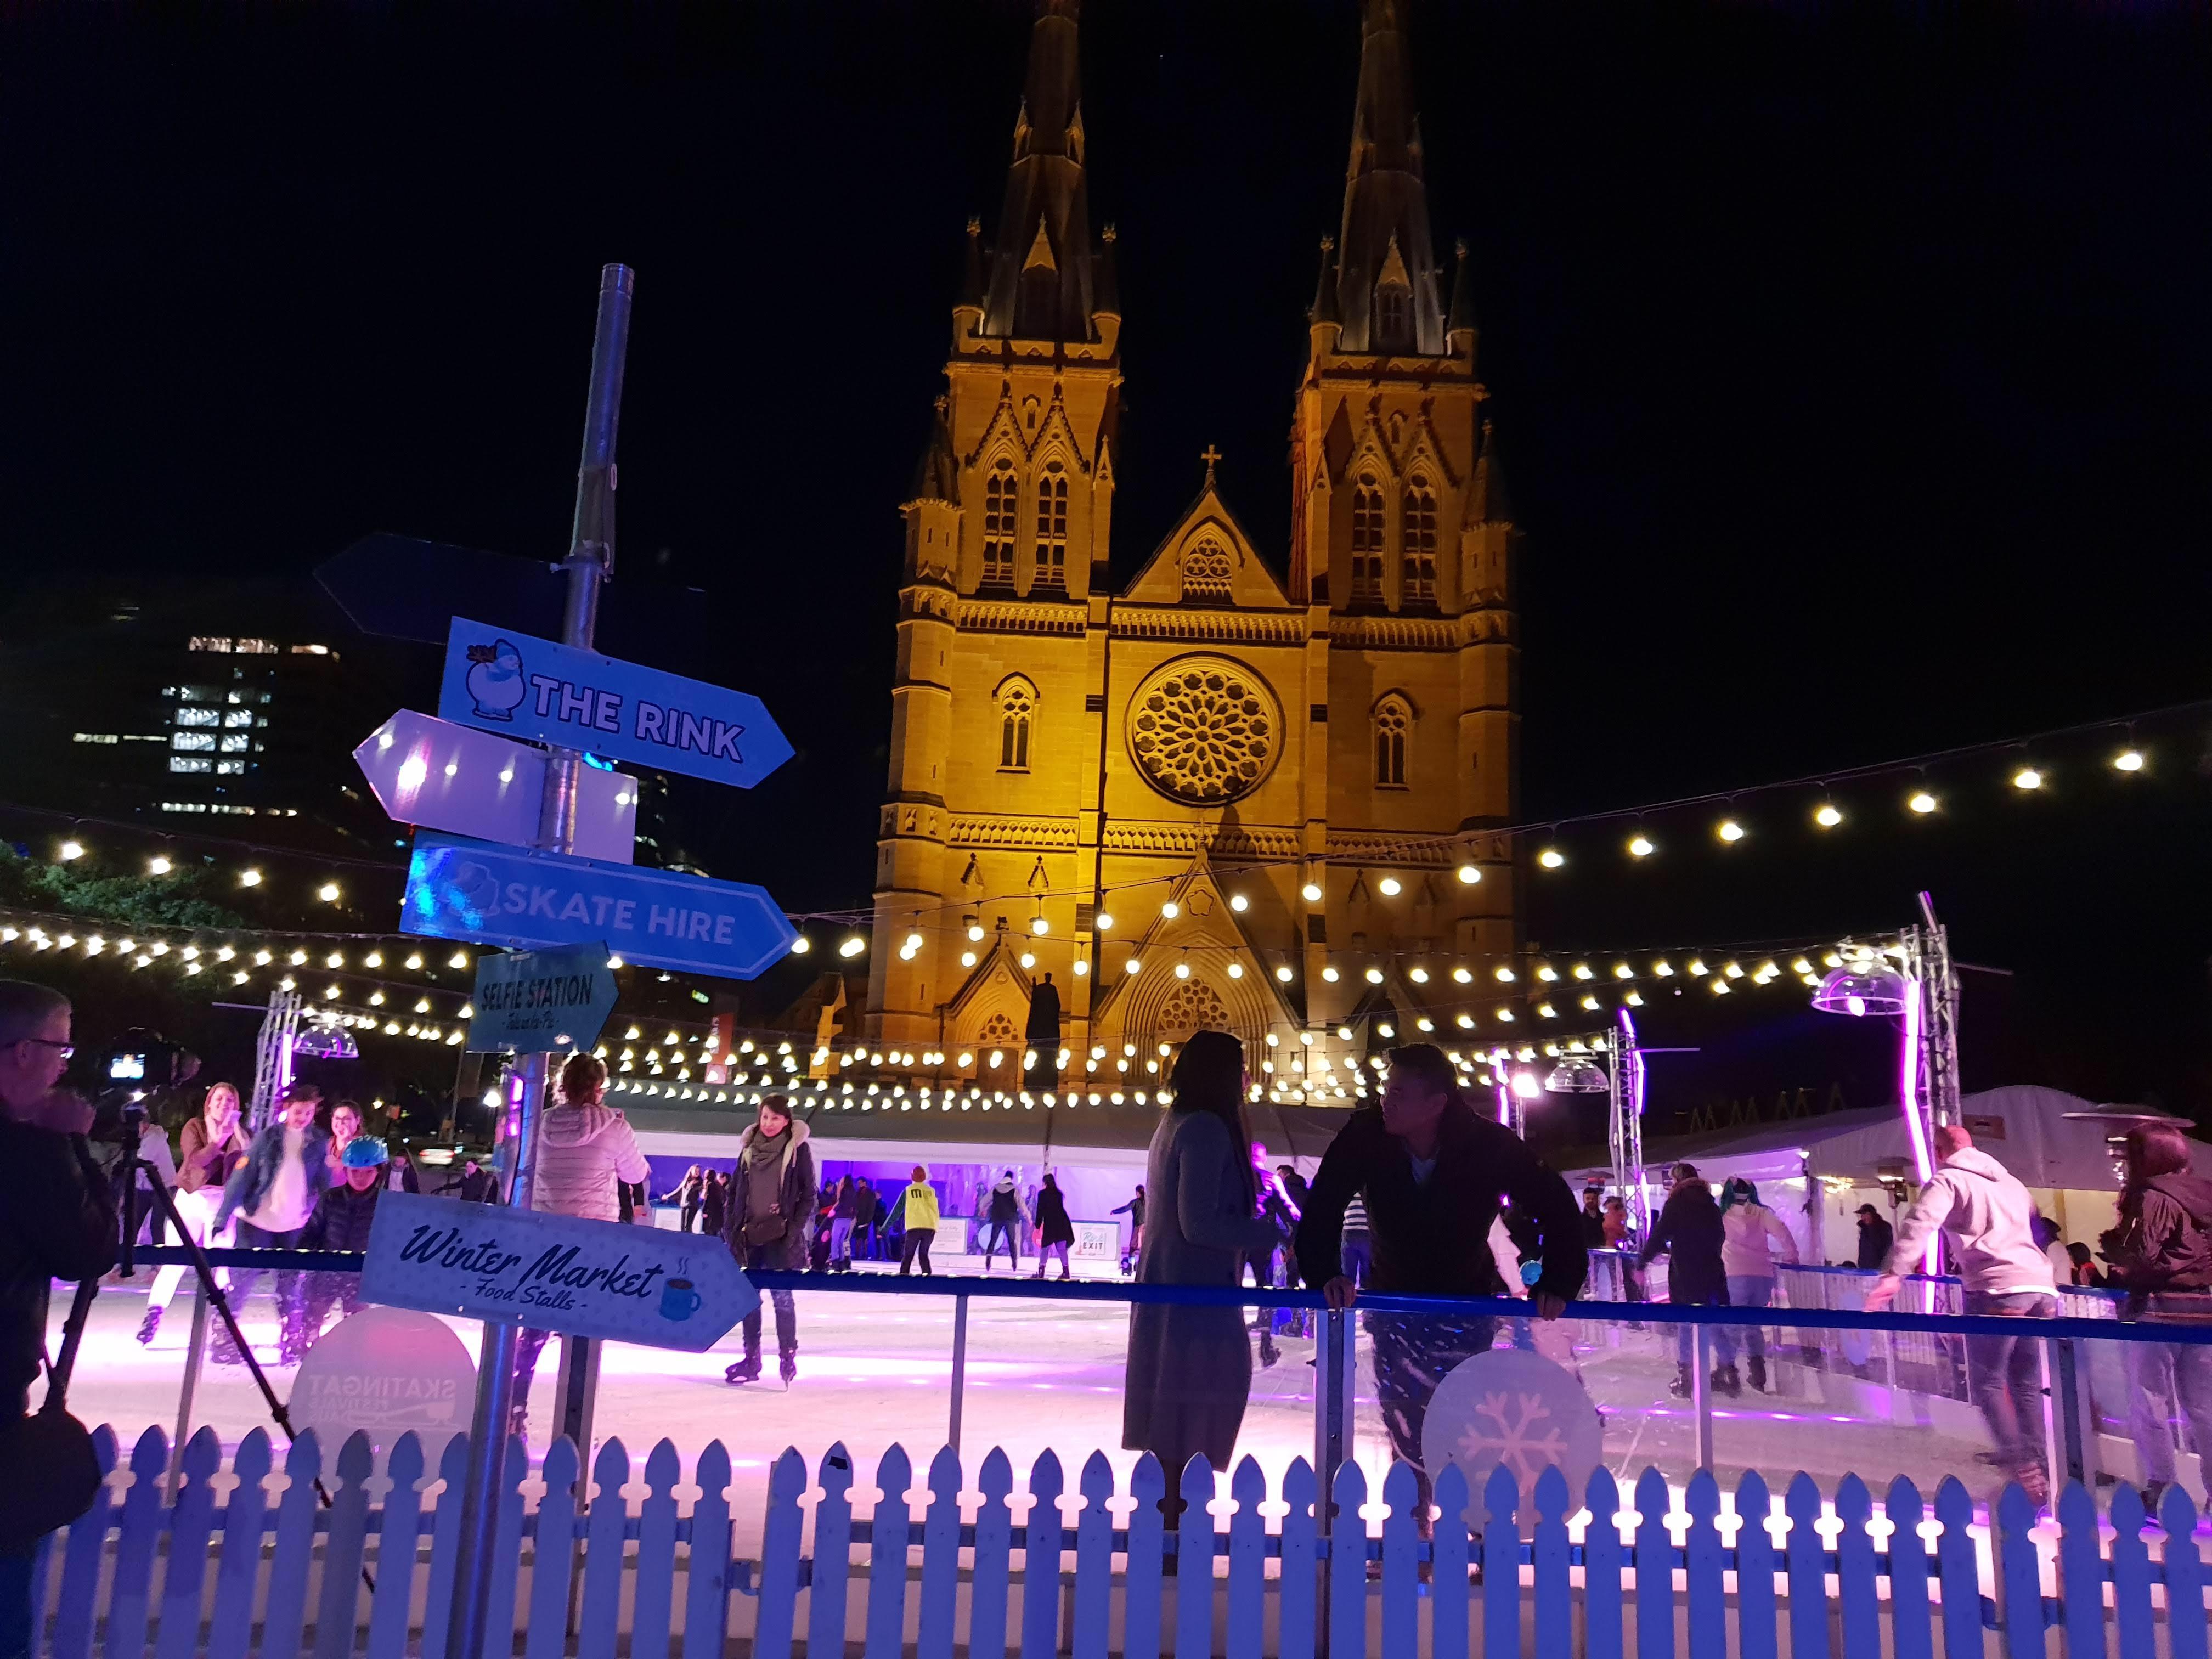 冬の風物詩、ウィンターフェスティバルでアイススケート!